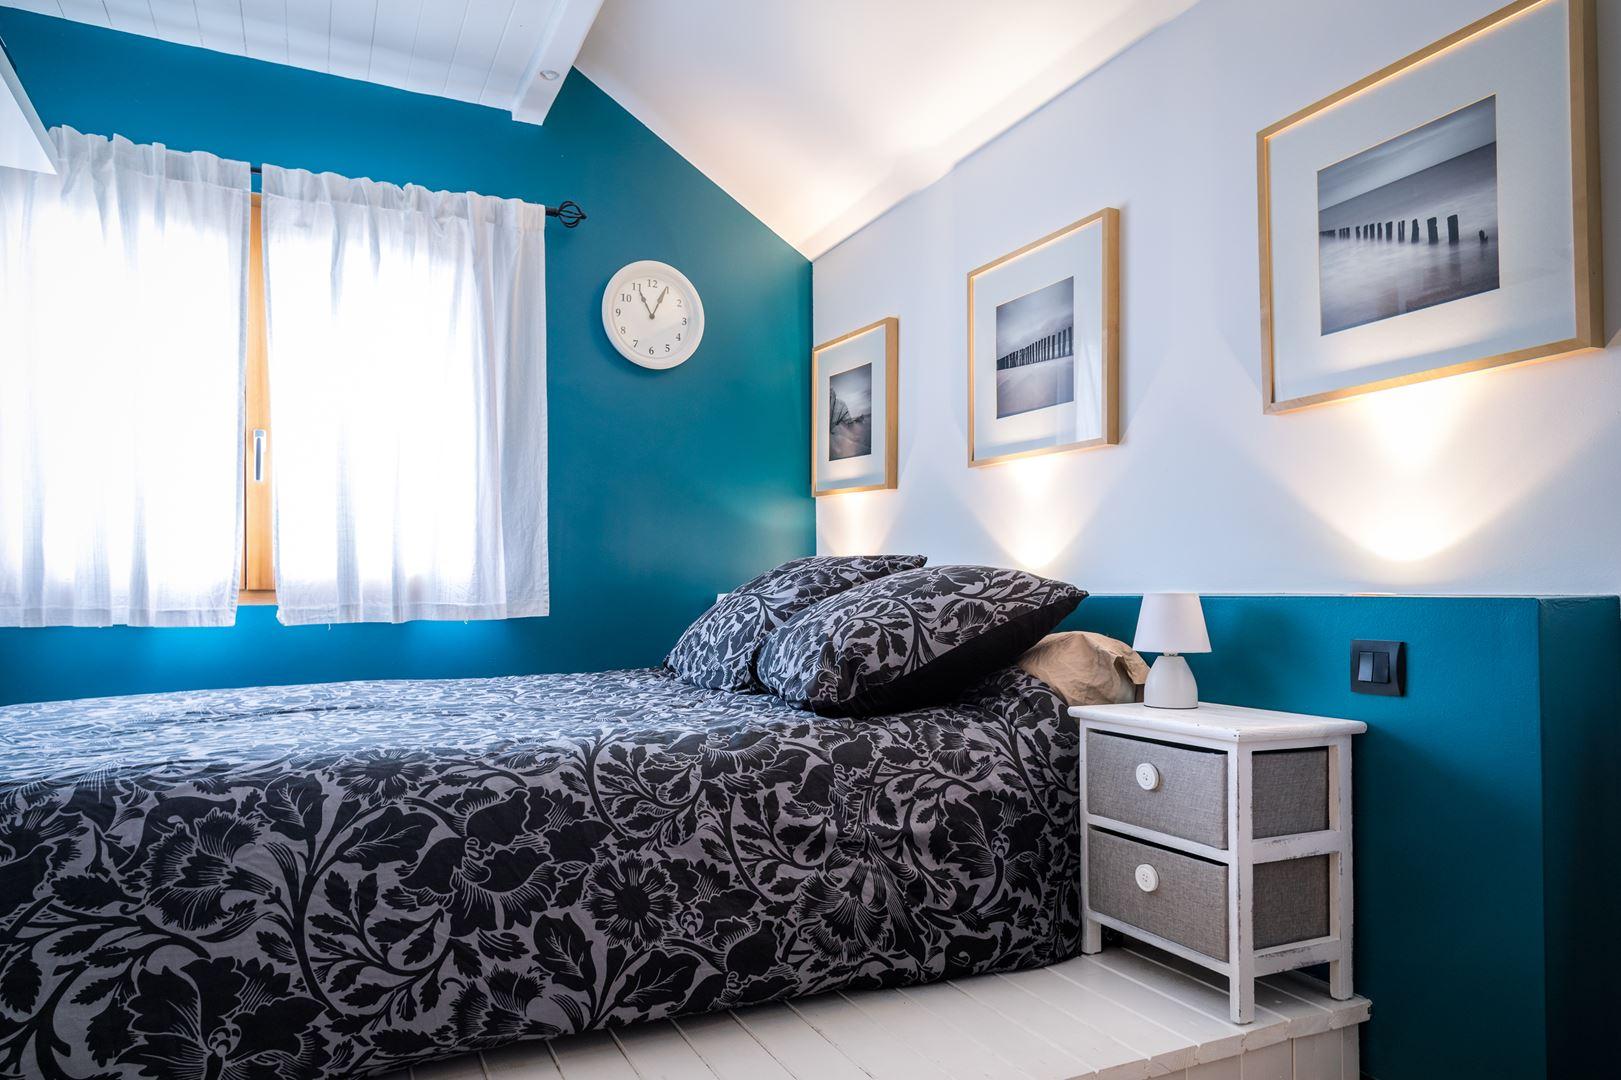 Photo immobilière - Chambre - Maison - Copponex 74